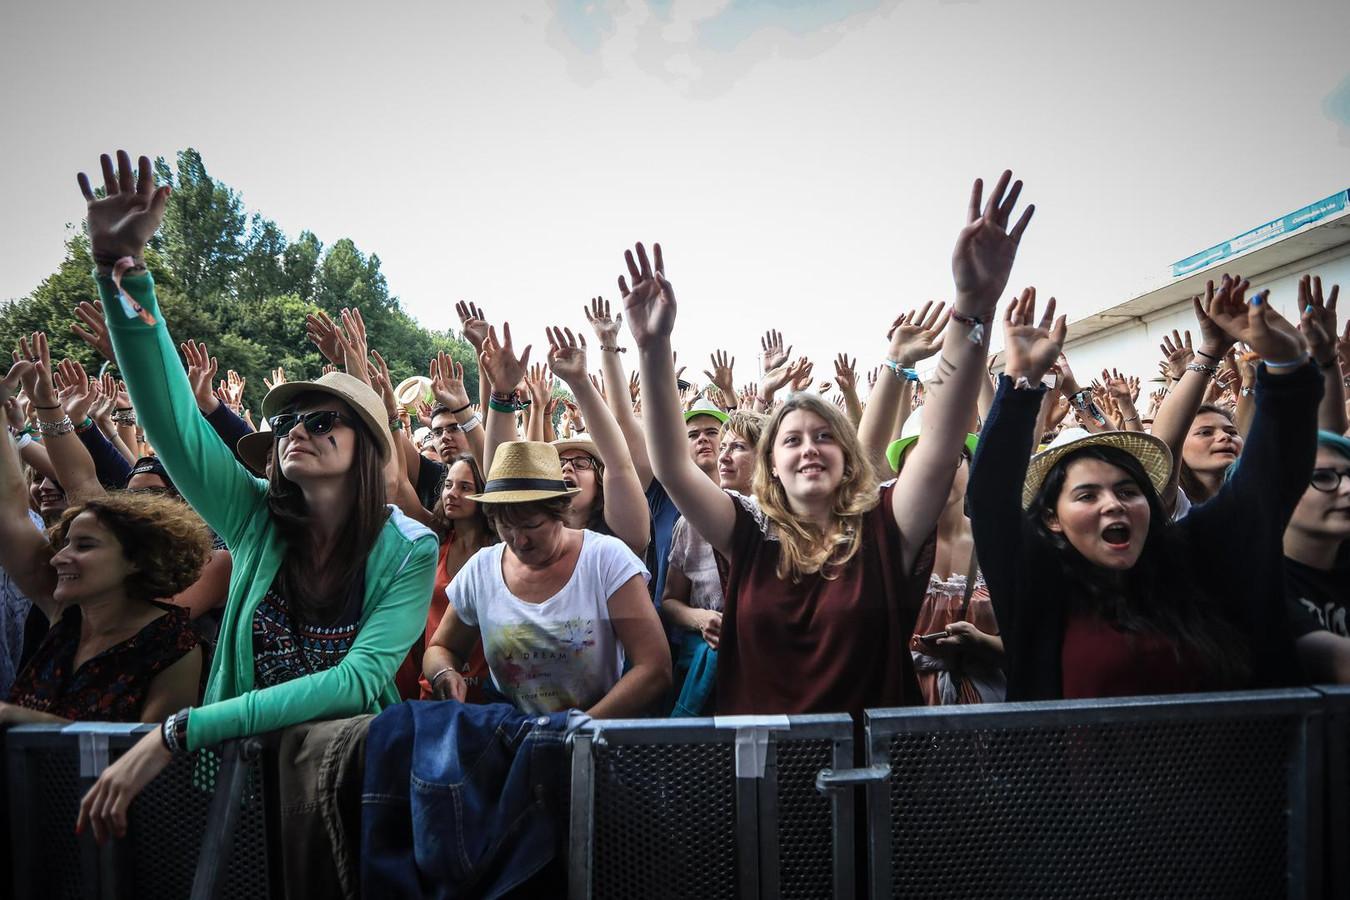 Le festival de Ronquières en 2016.